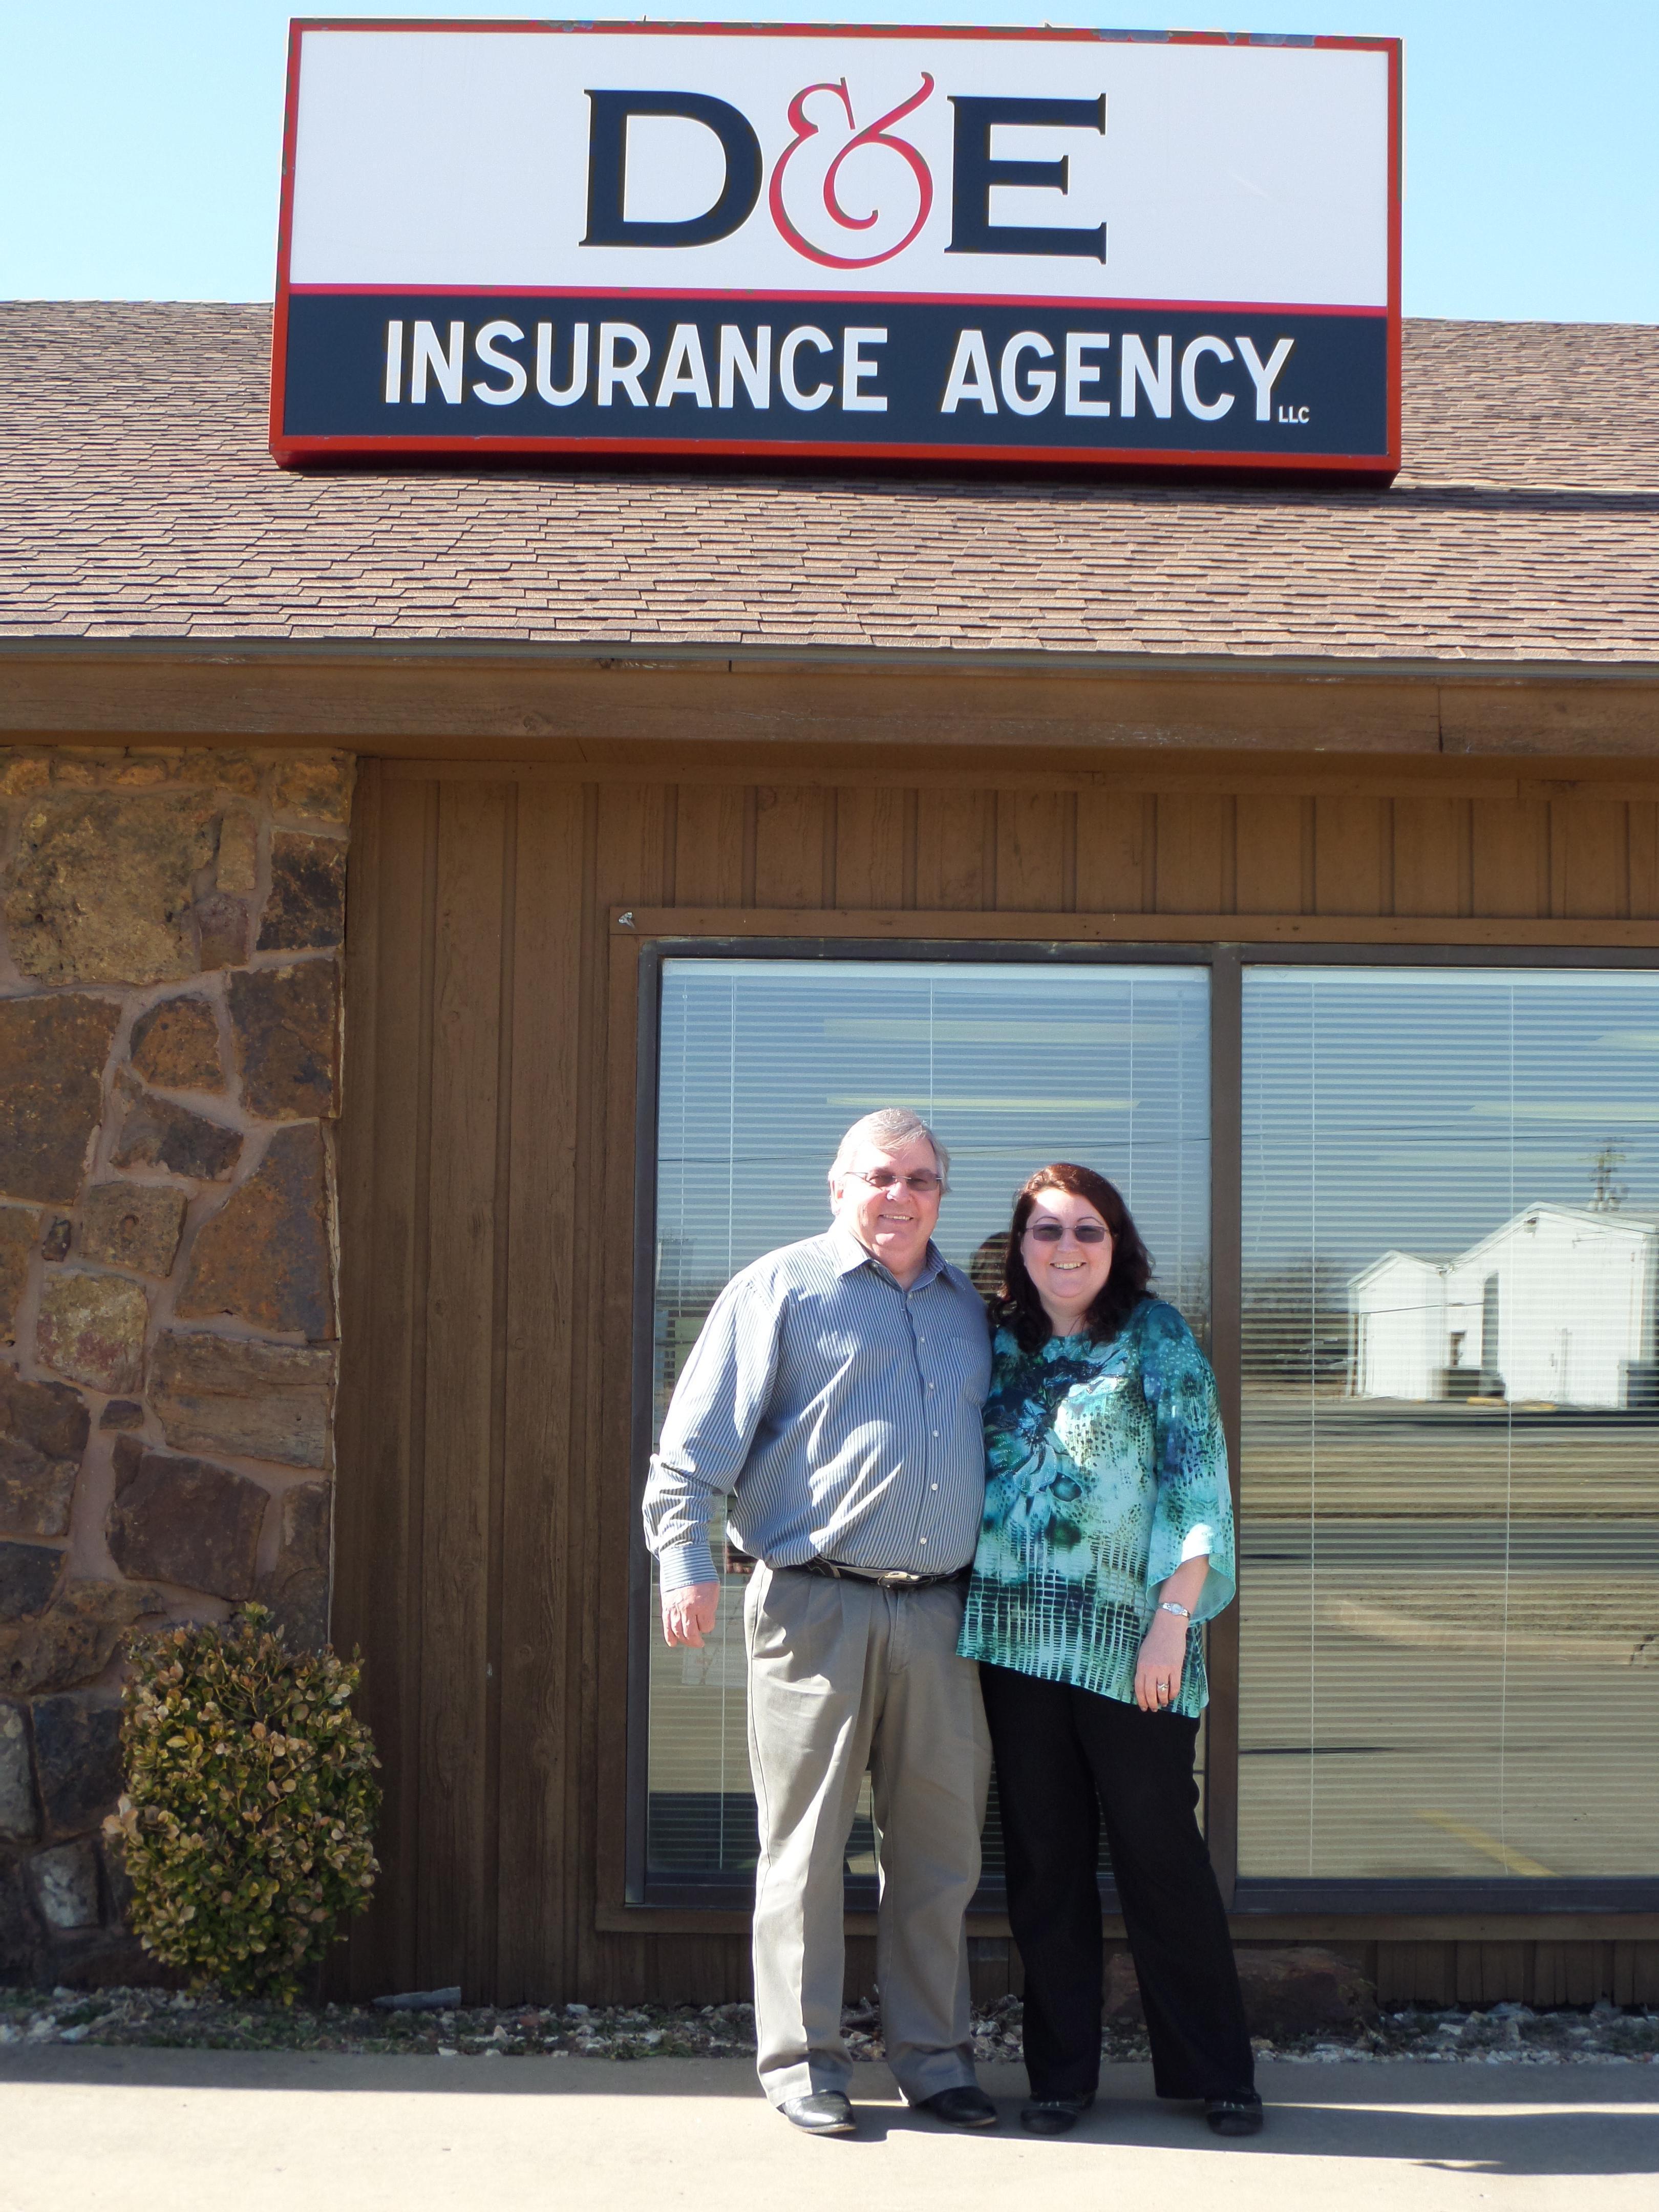 D & E Insurance Agency LLC